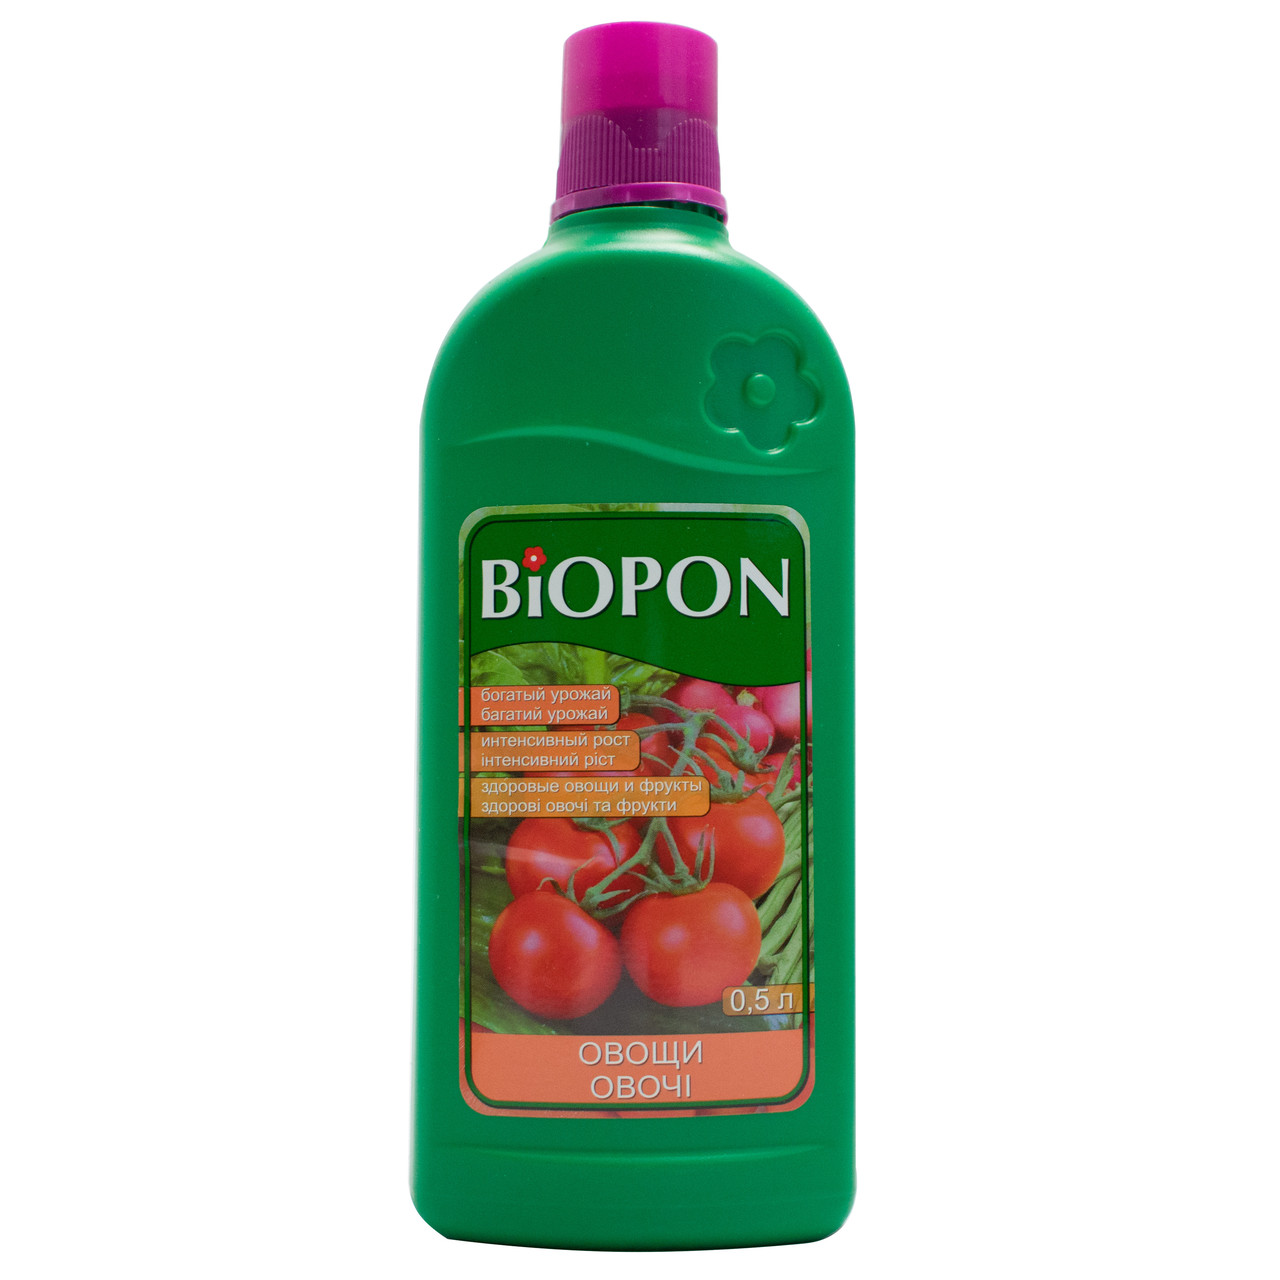 Удобрение Biopon для овощей 500 мл